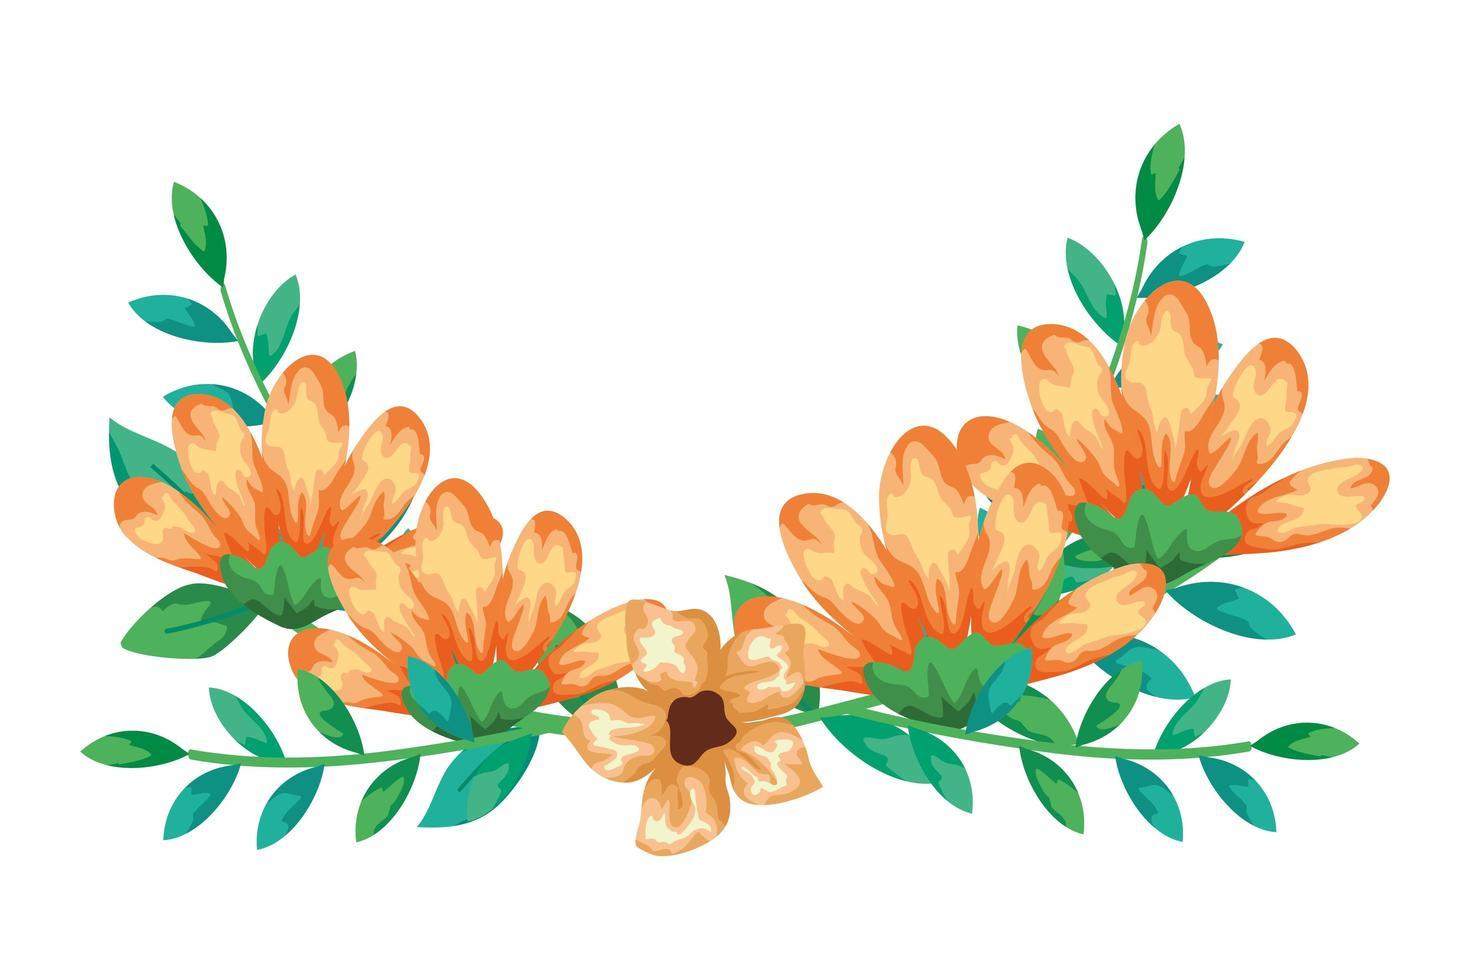 söta blommor gul färg med grenar och blad isolerade ikon vektor